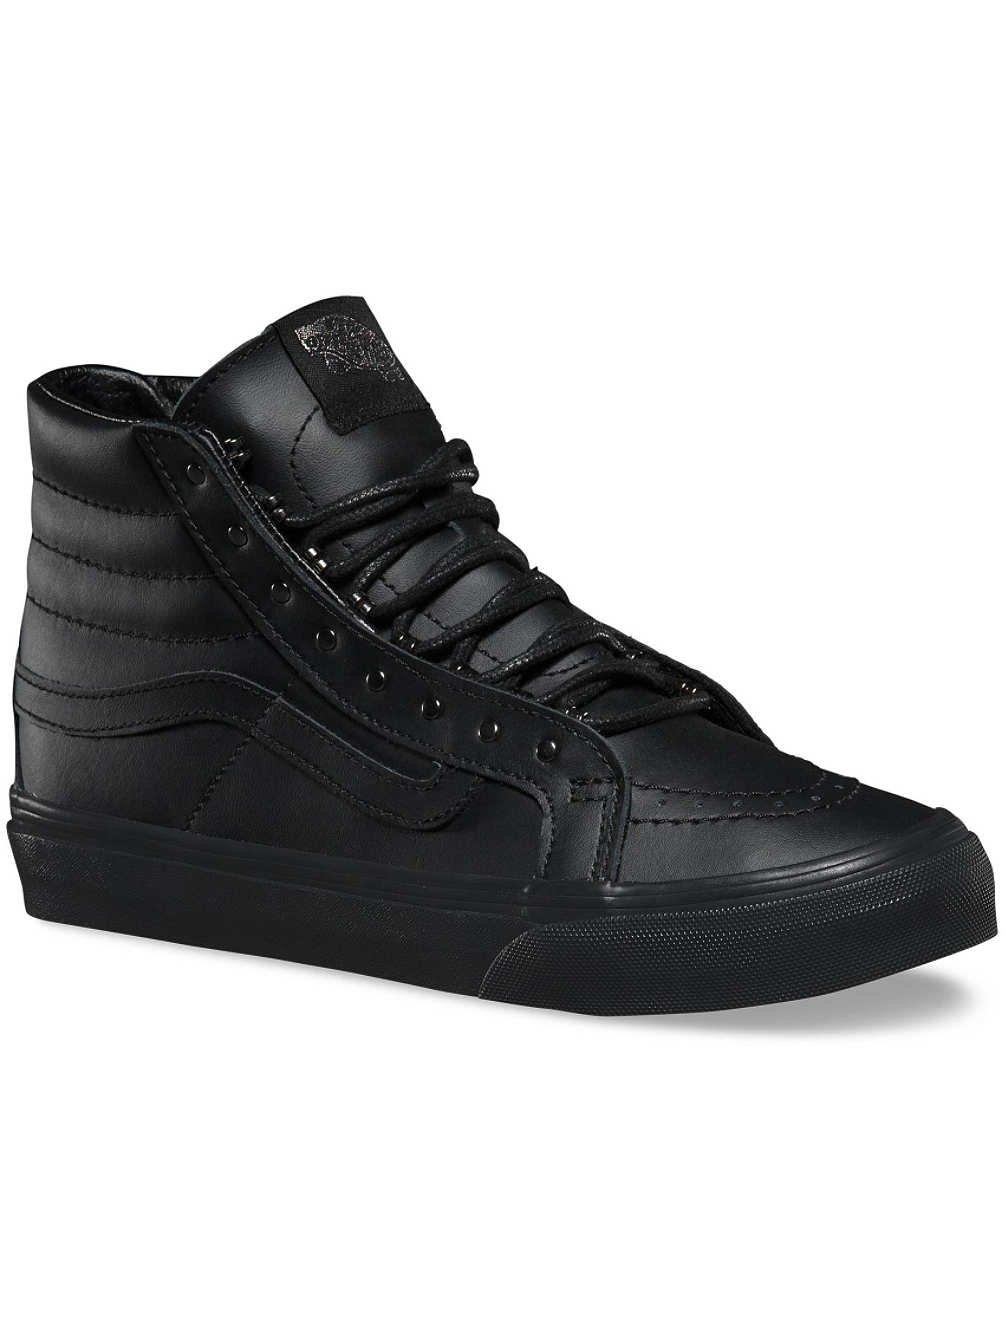 Vans Unisex-Erwachsene Sk8-Hi Slim Hohe Sneakers  39 EU|(rivets) gunmetal/black